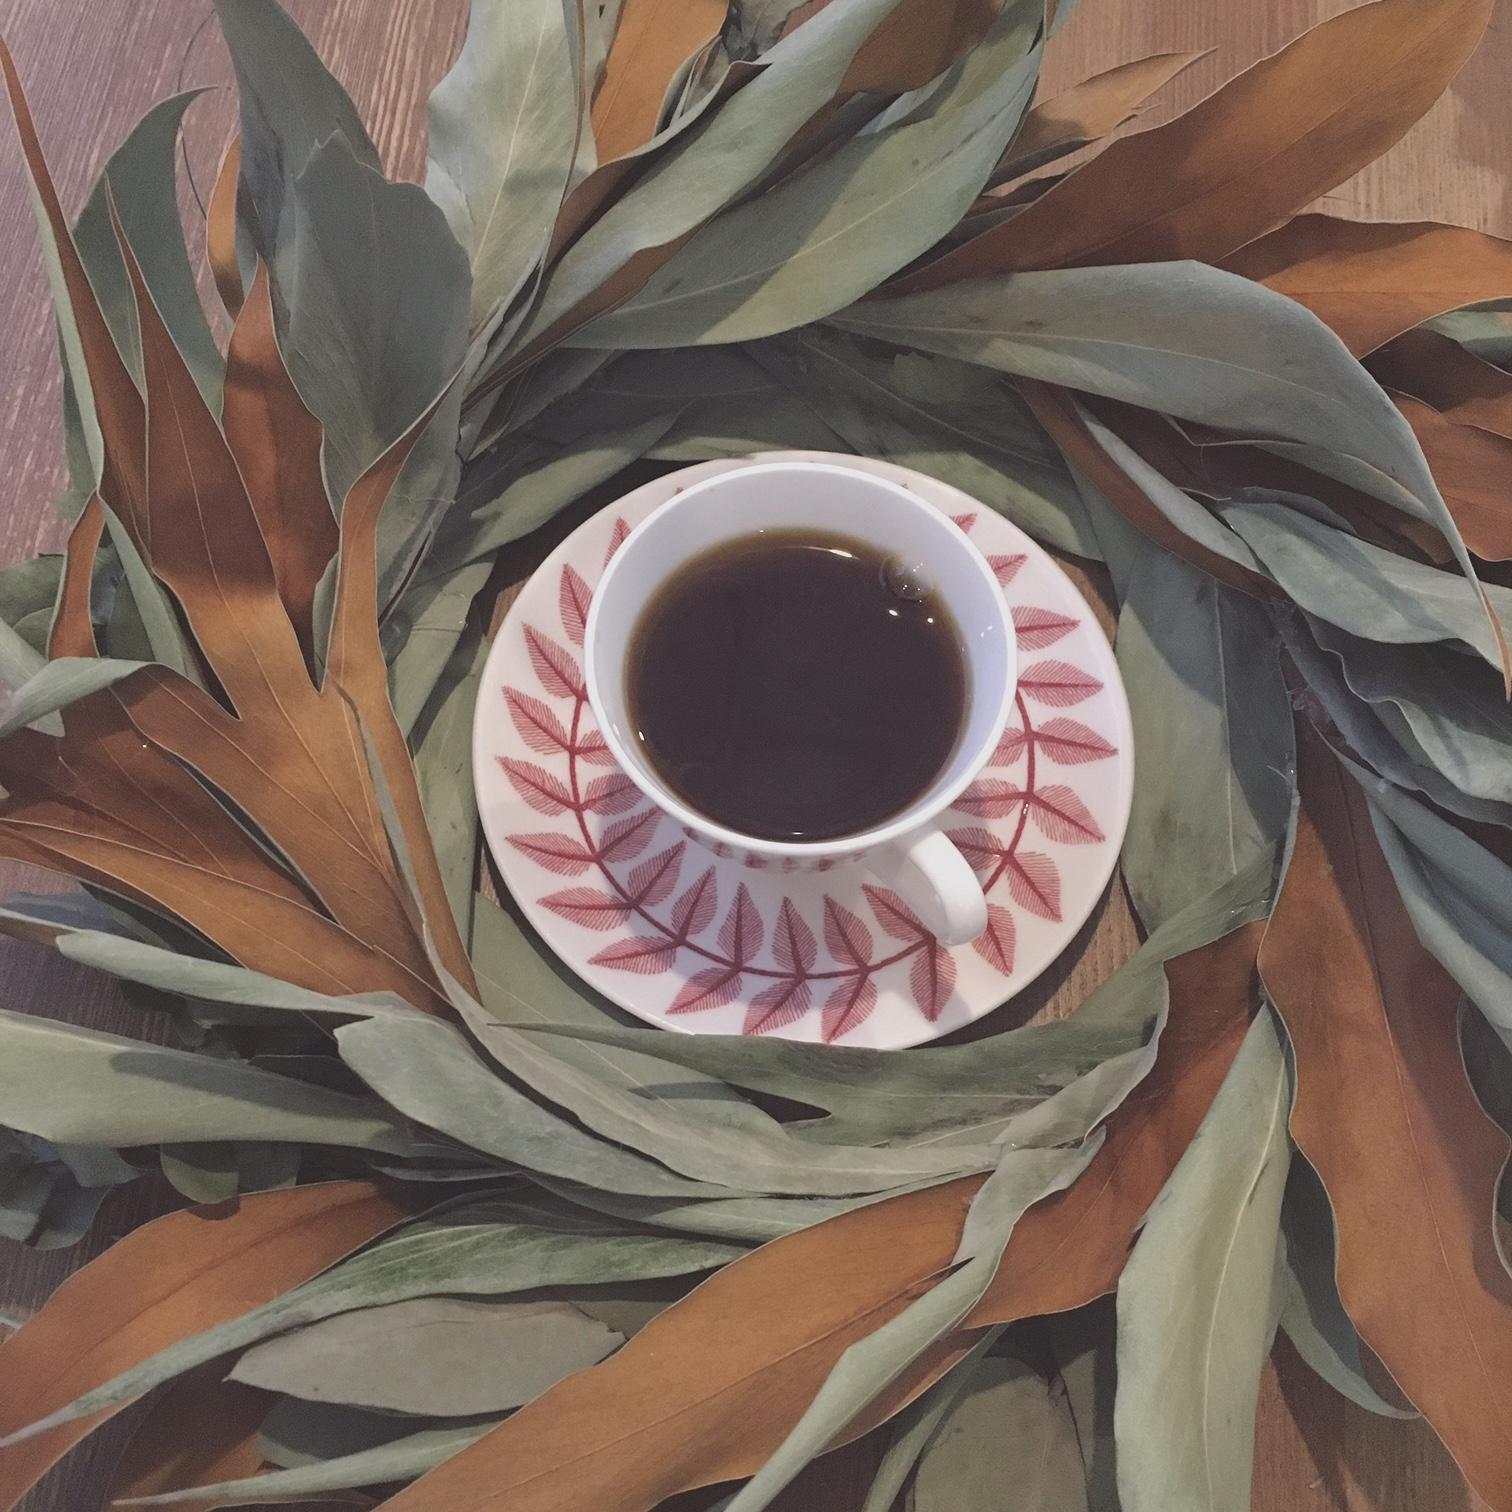 coffeewreath